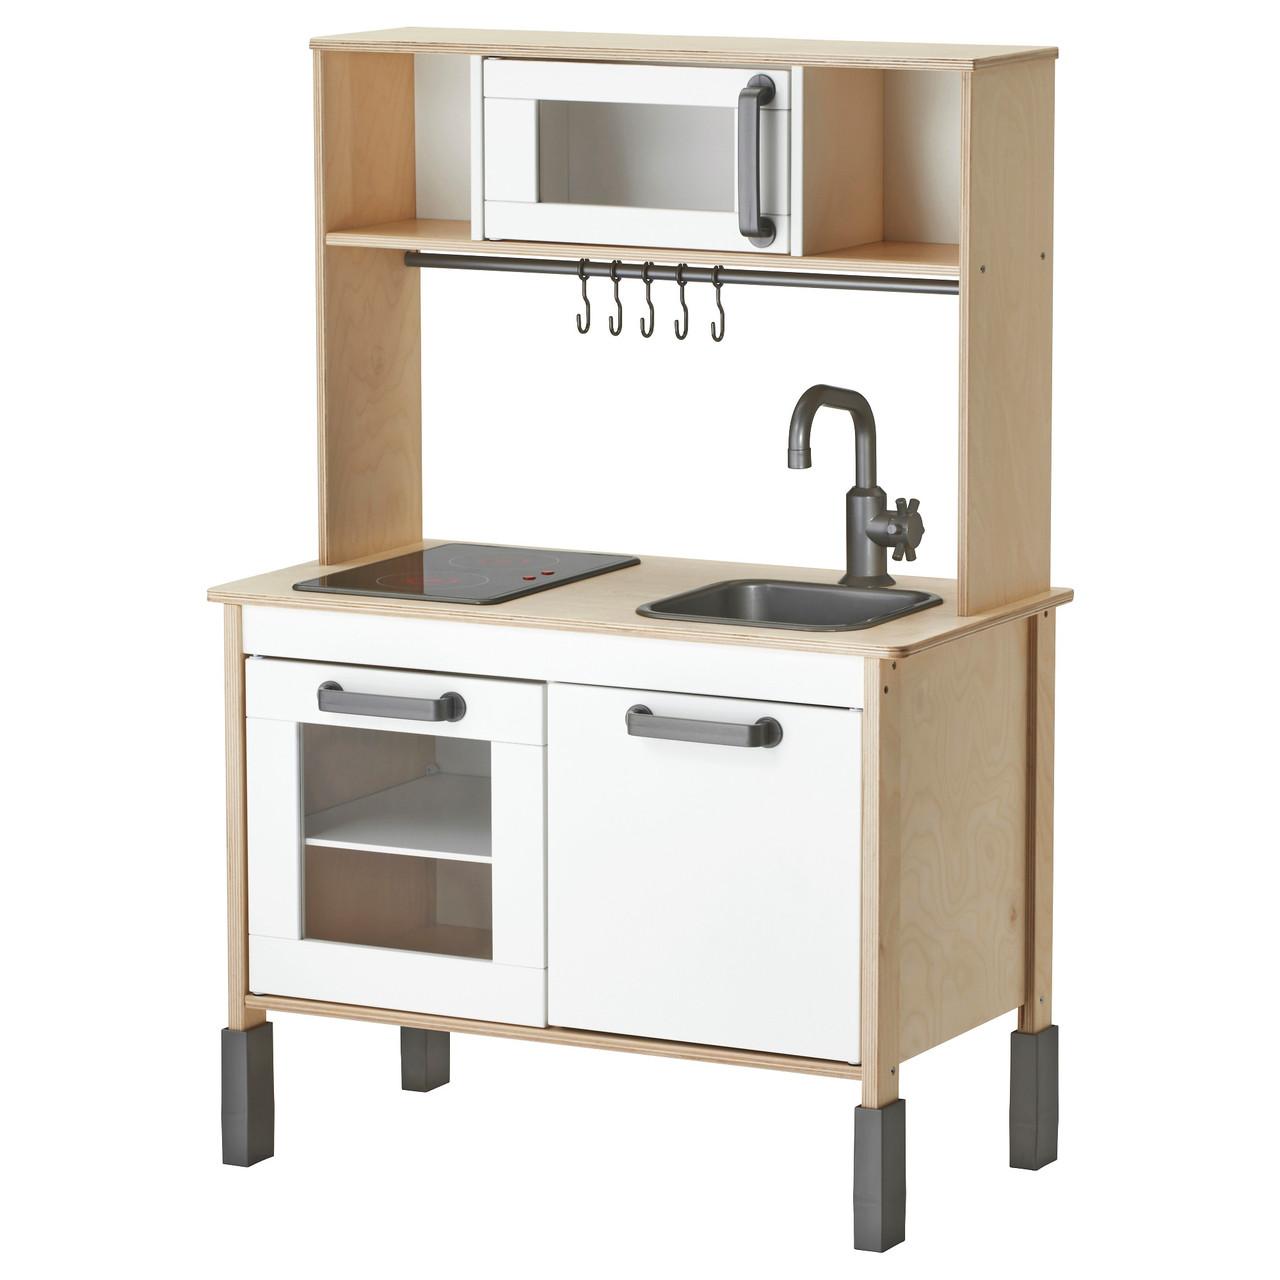 игрушечная кухня Ikea Duktig 60319972 цена 4 126 грн купить в